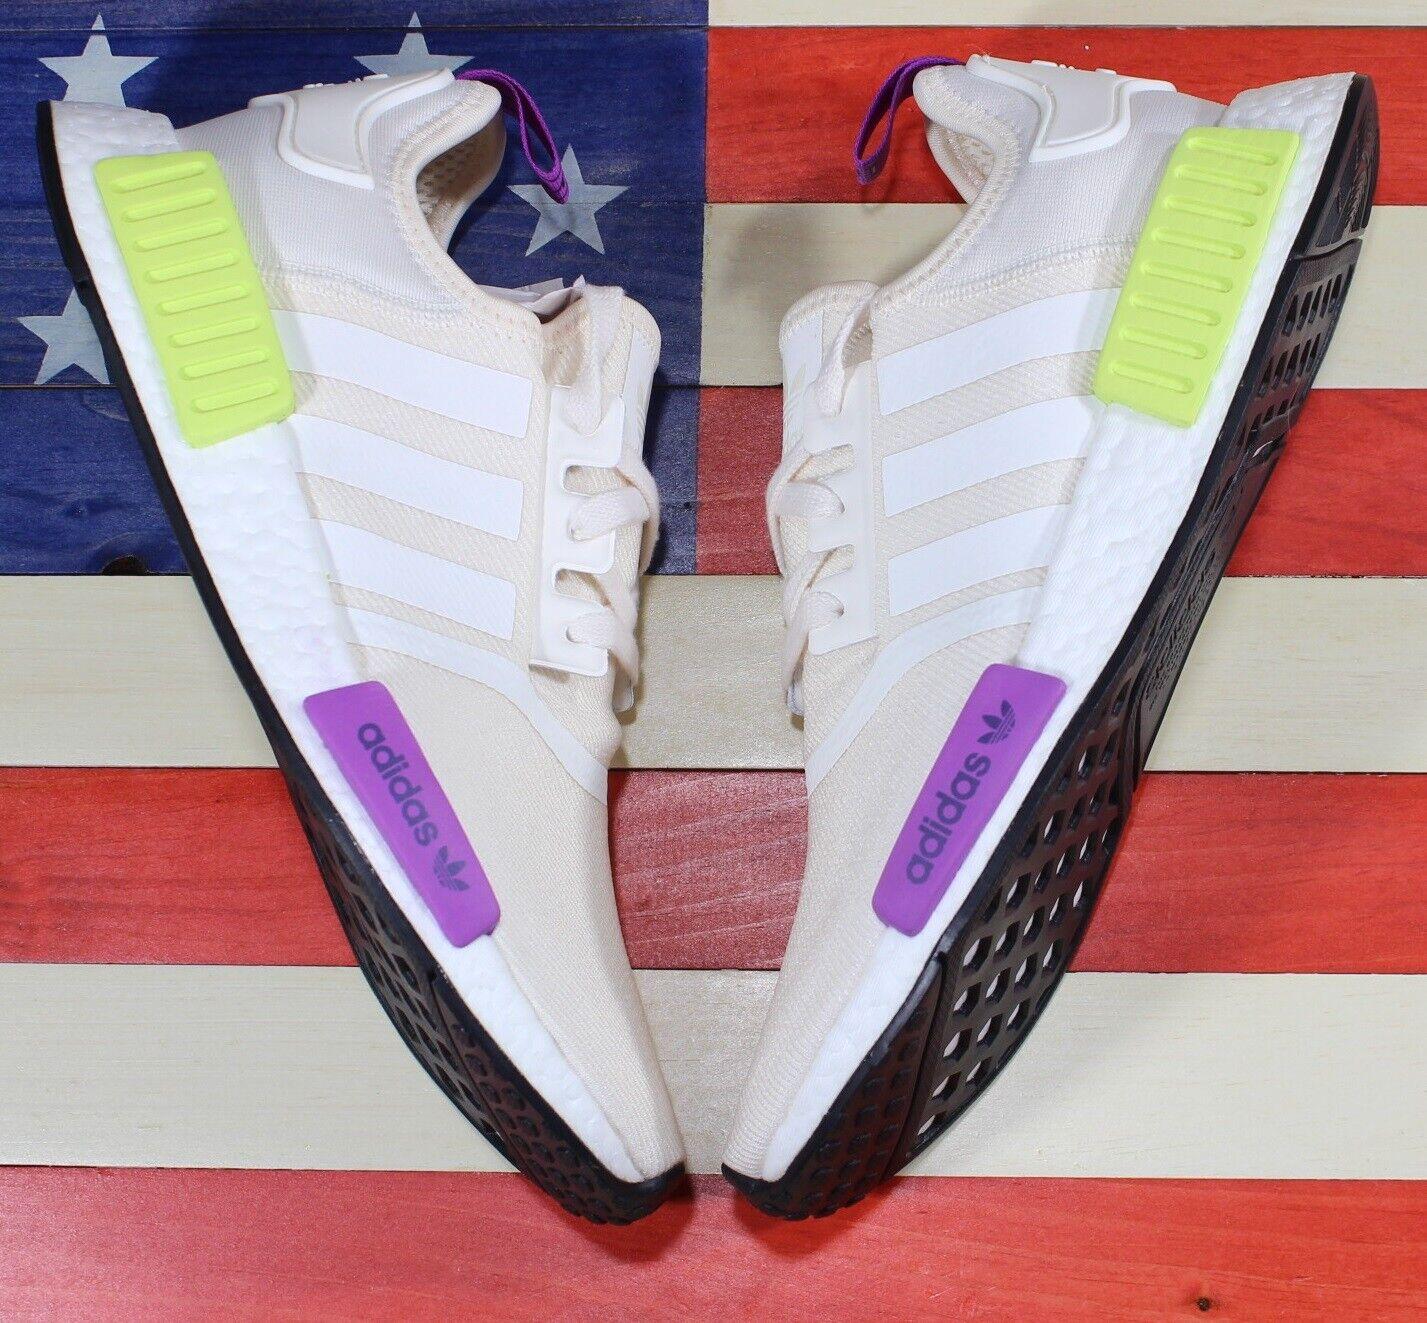 Adidas Originals Nmd R1 Boost Zapatillas Running Hombre blancoo Solar-amarillo